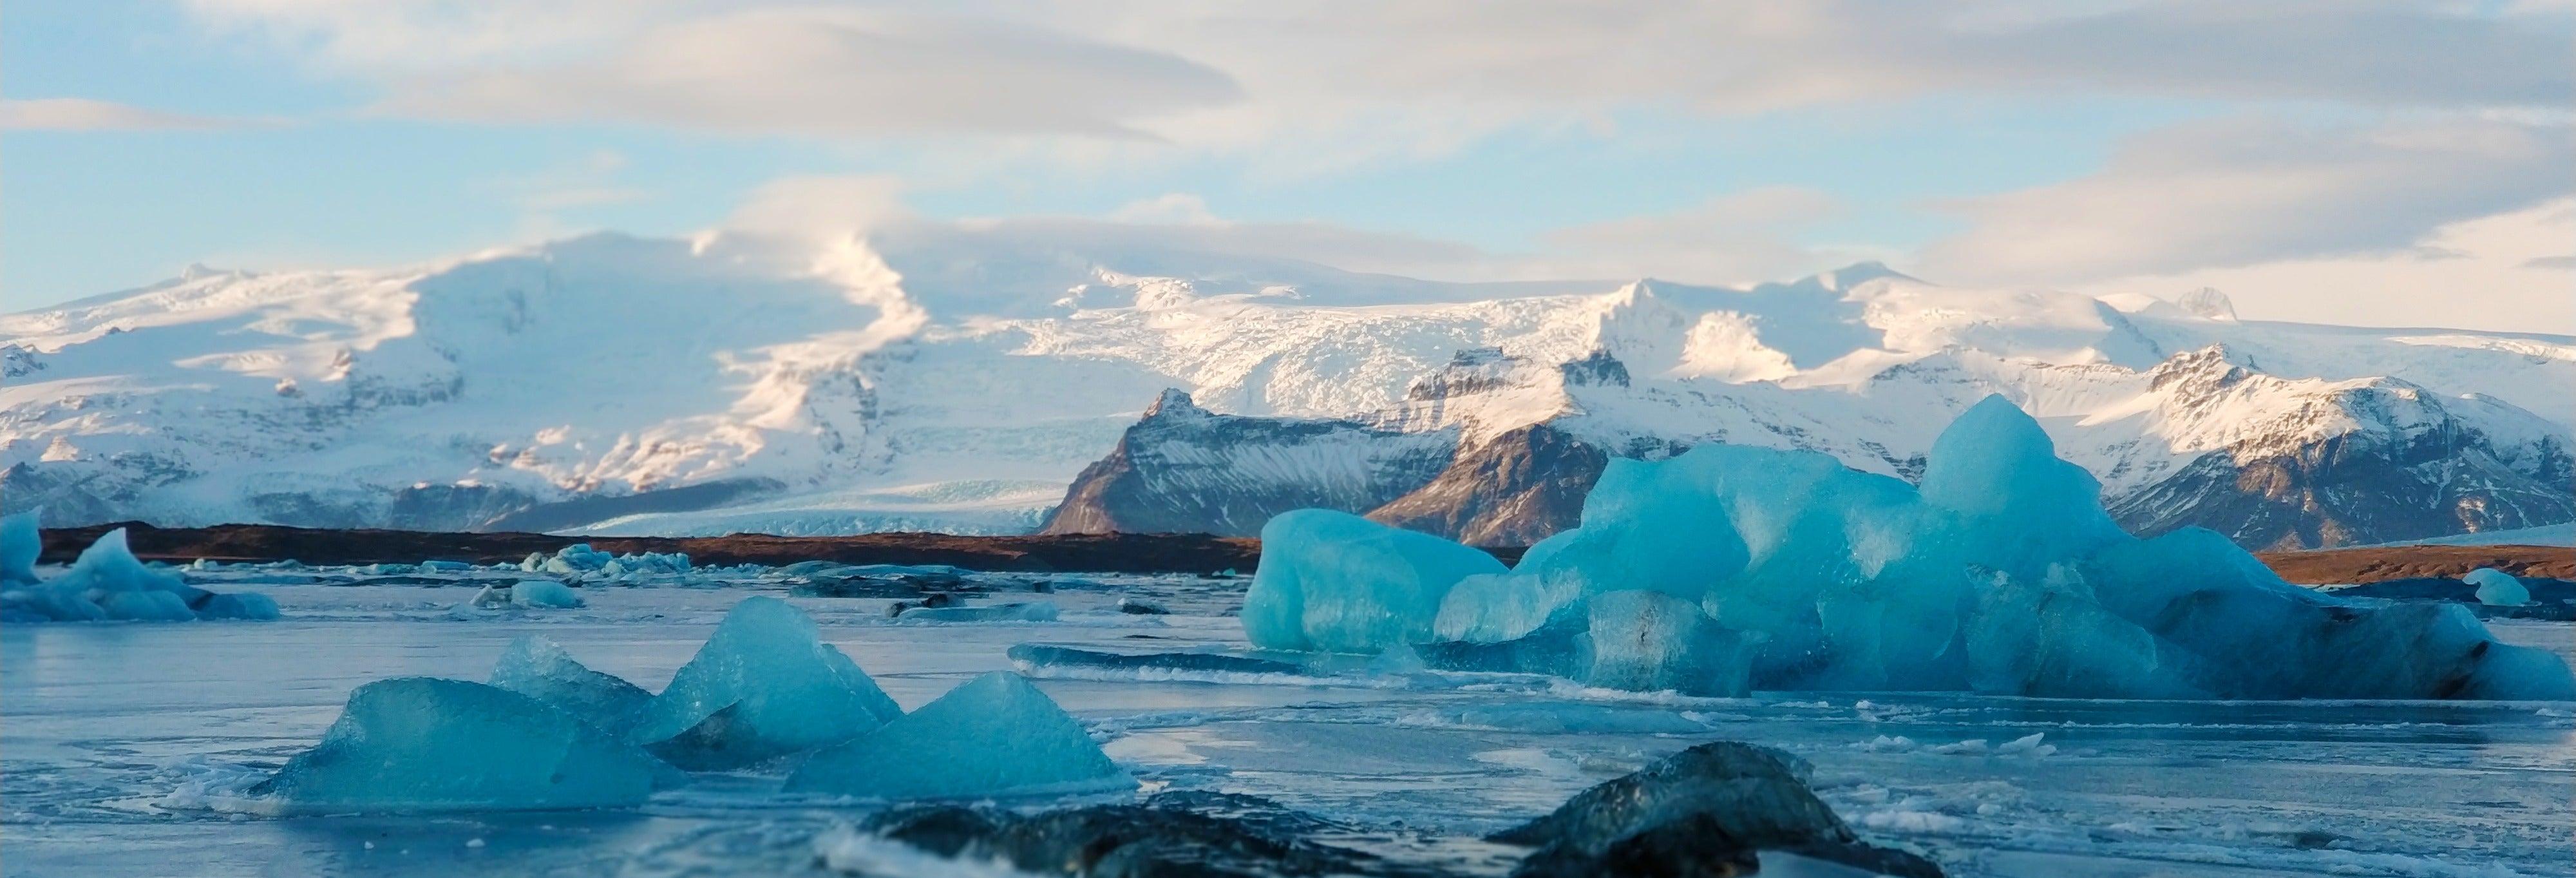 Tour de 2 dias pelos glaciares do sul da Islândia